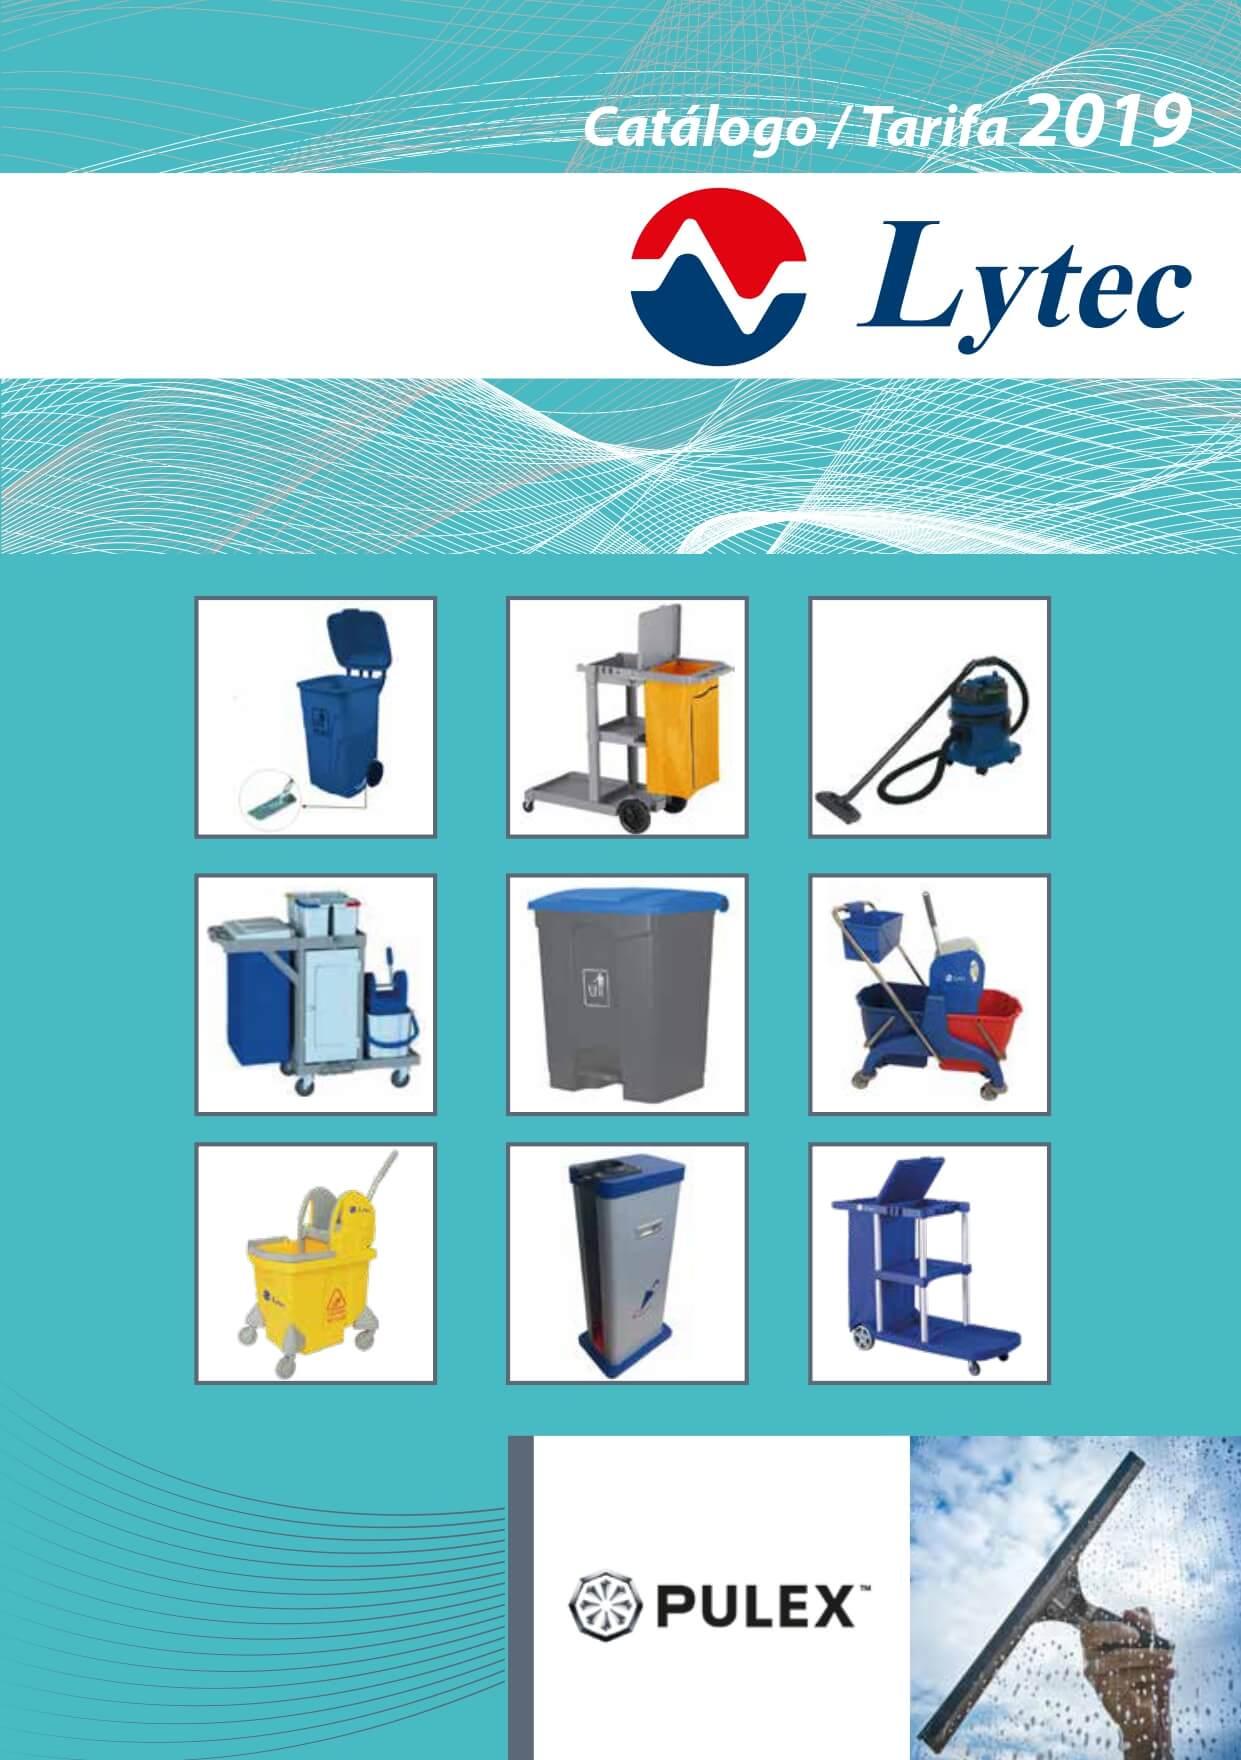 Dispensadores de papel higiénico secamanos industrial Lytec